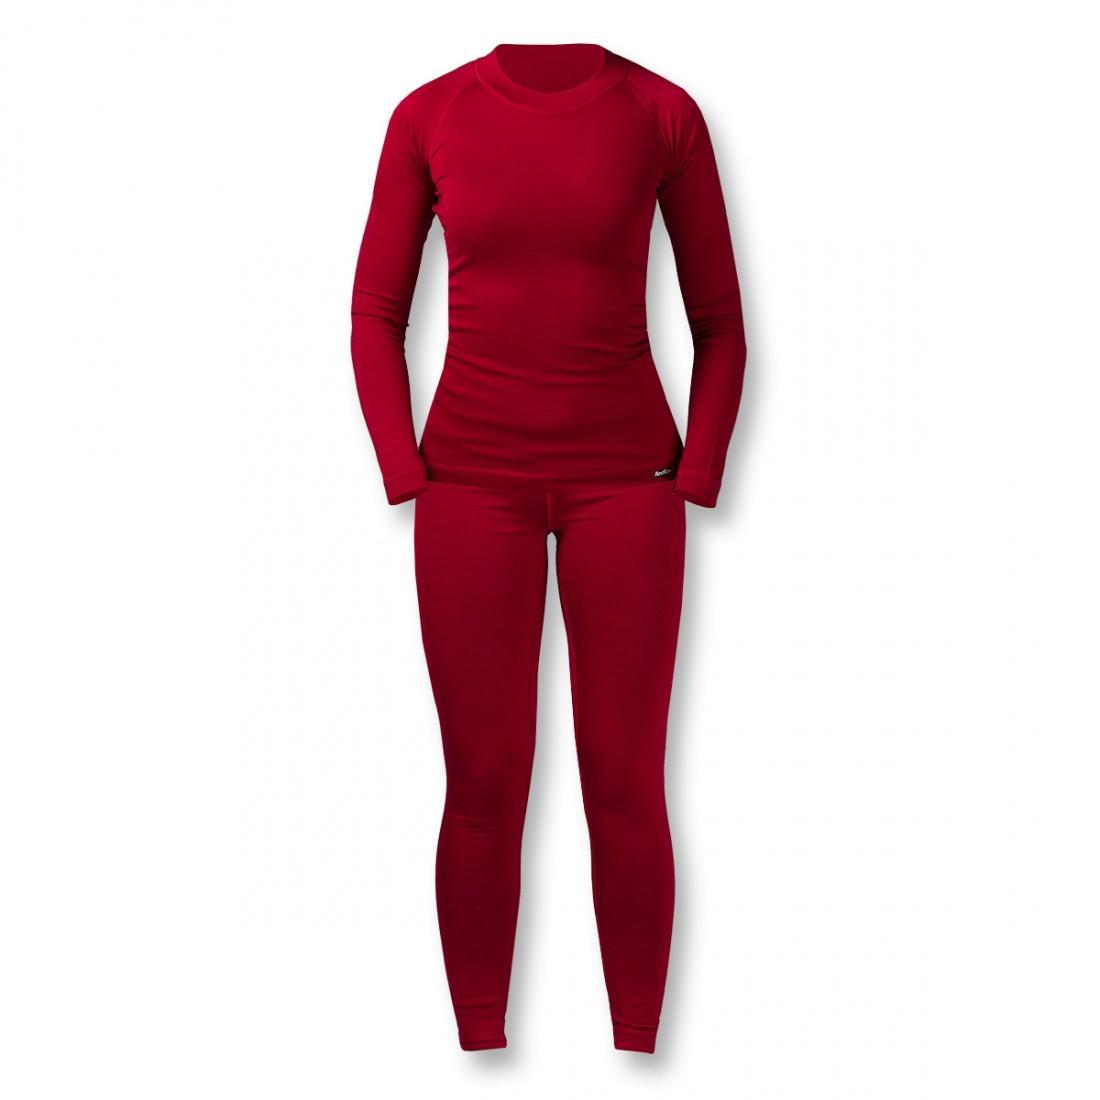 Термобелье костюм Wool Dry Light ЖенскийКомплекты<br><br> Тончайшее термобелье для женщин из мериносовой шерсти: оно достаточно теплое и пуловер можно носить как самостоятельный элемент одежд...<br><br>Цвет: Темно-красный<br>Размер: 44